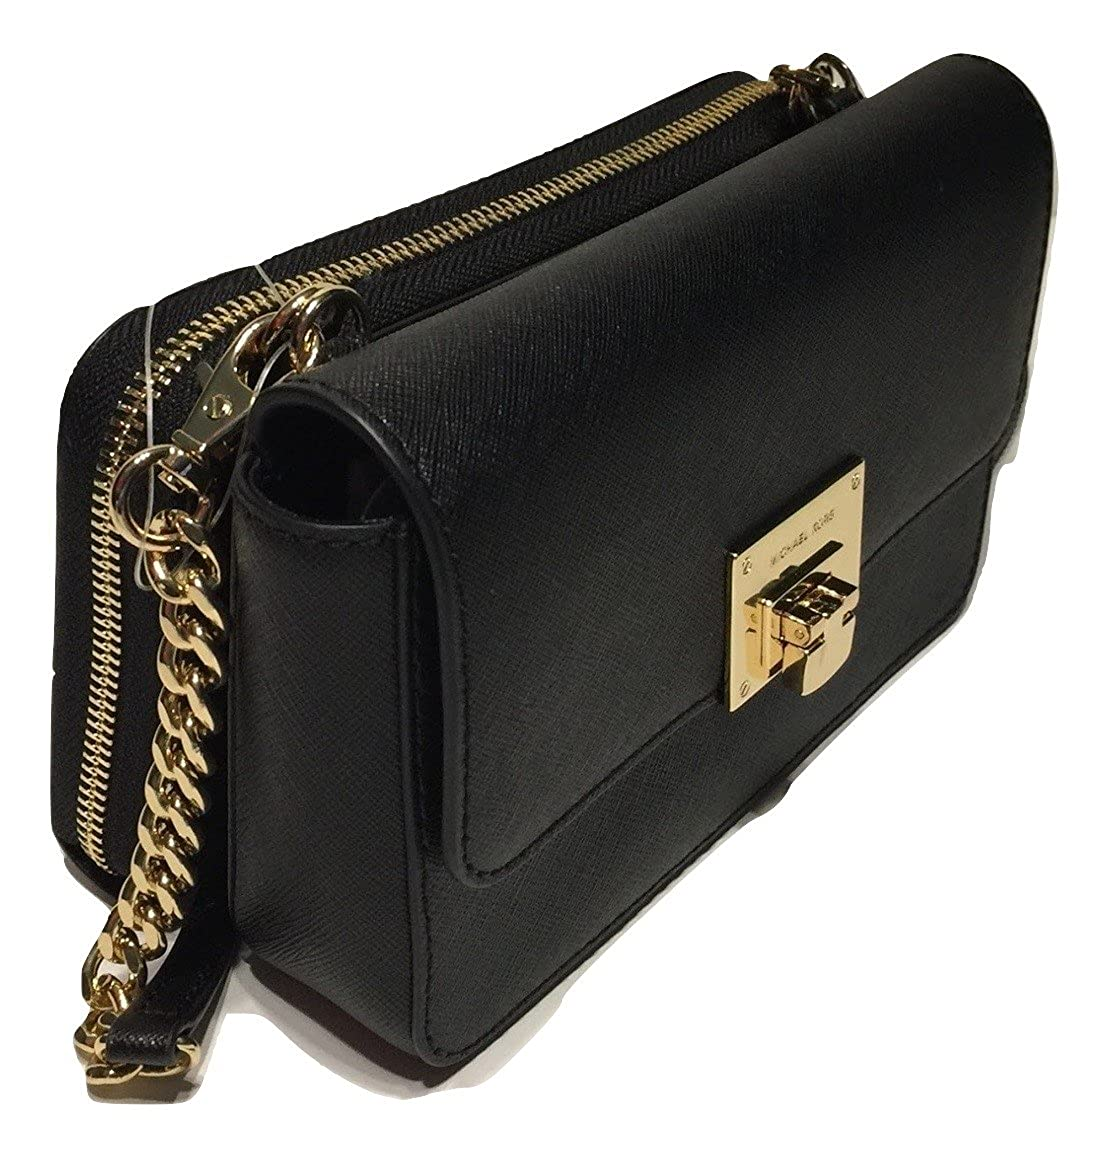 3d0ca7bdef20e MICHAEL Michael Kors Tina Clutch Crossbody with Detachable Wallet (Black)   Handbags  Amazon.com